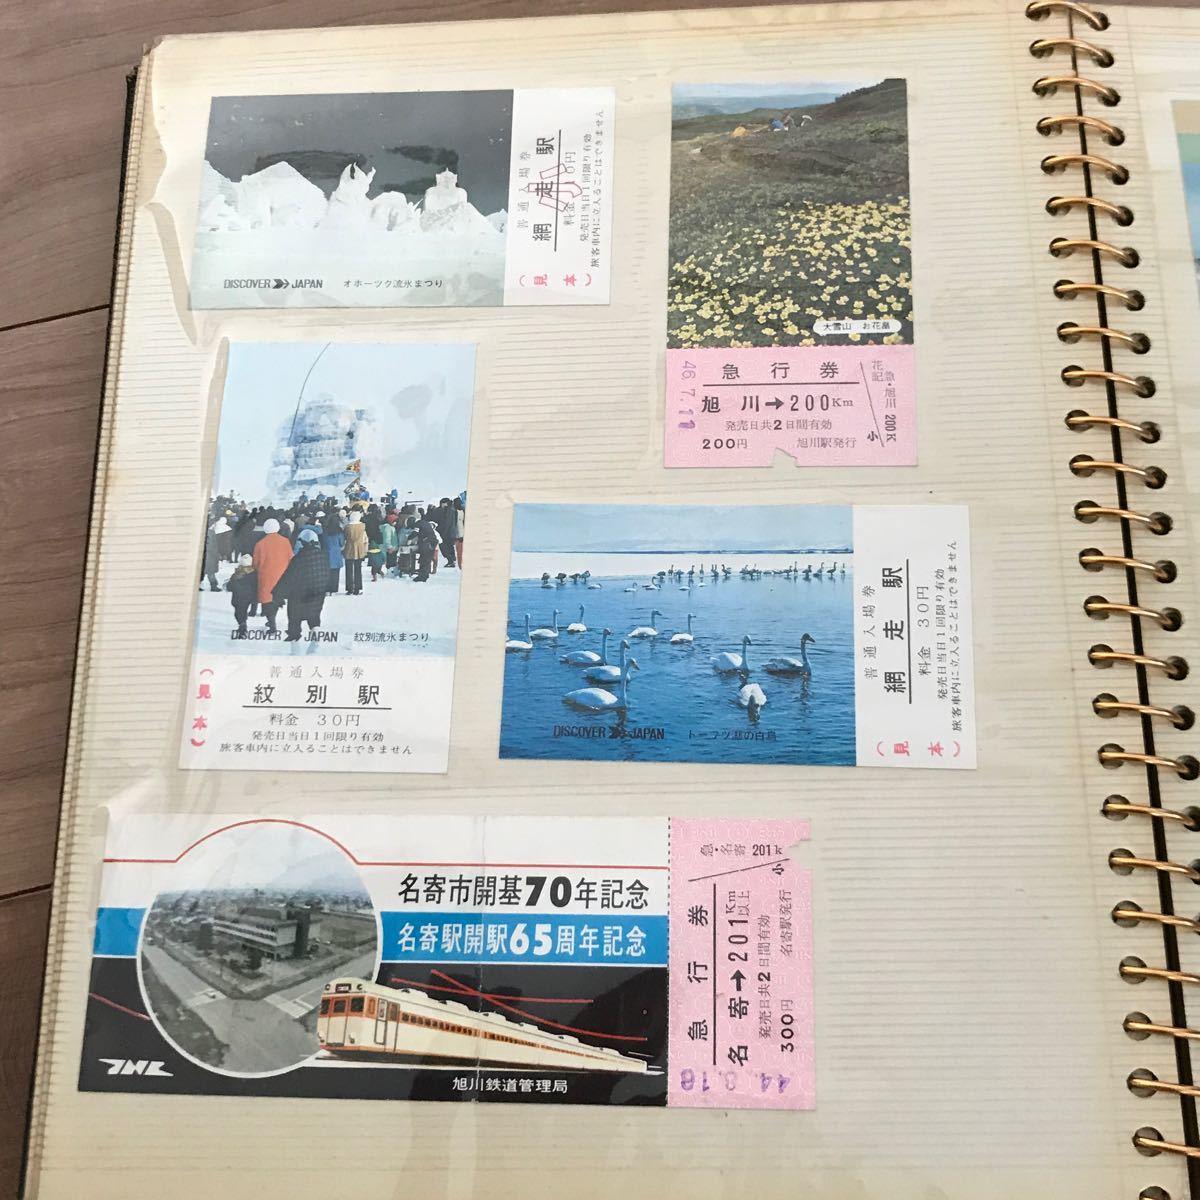 国鉄 記念入場券 急行券 北海道 鉄道管理局